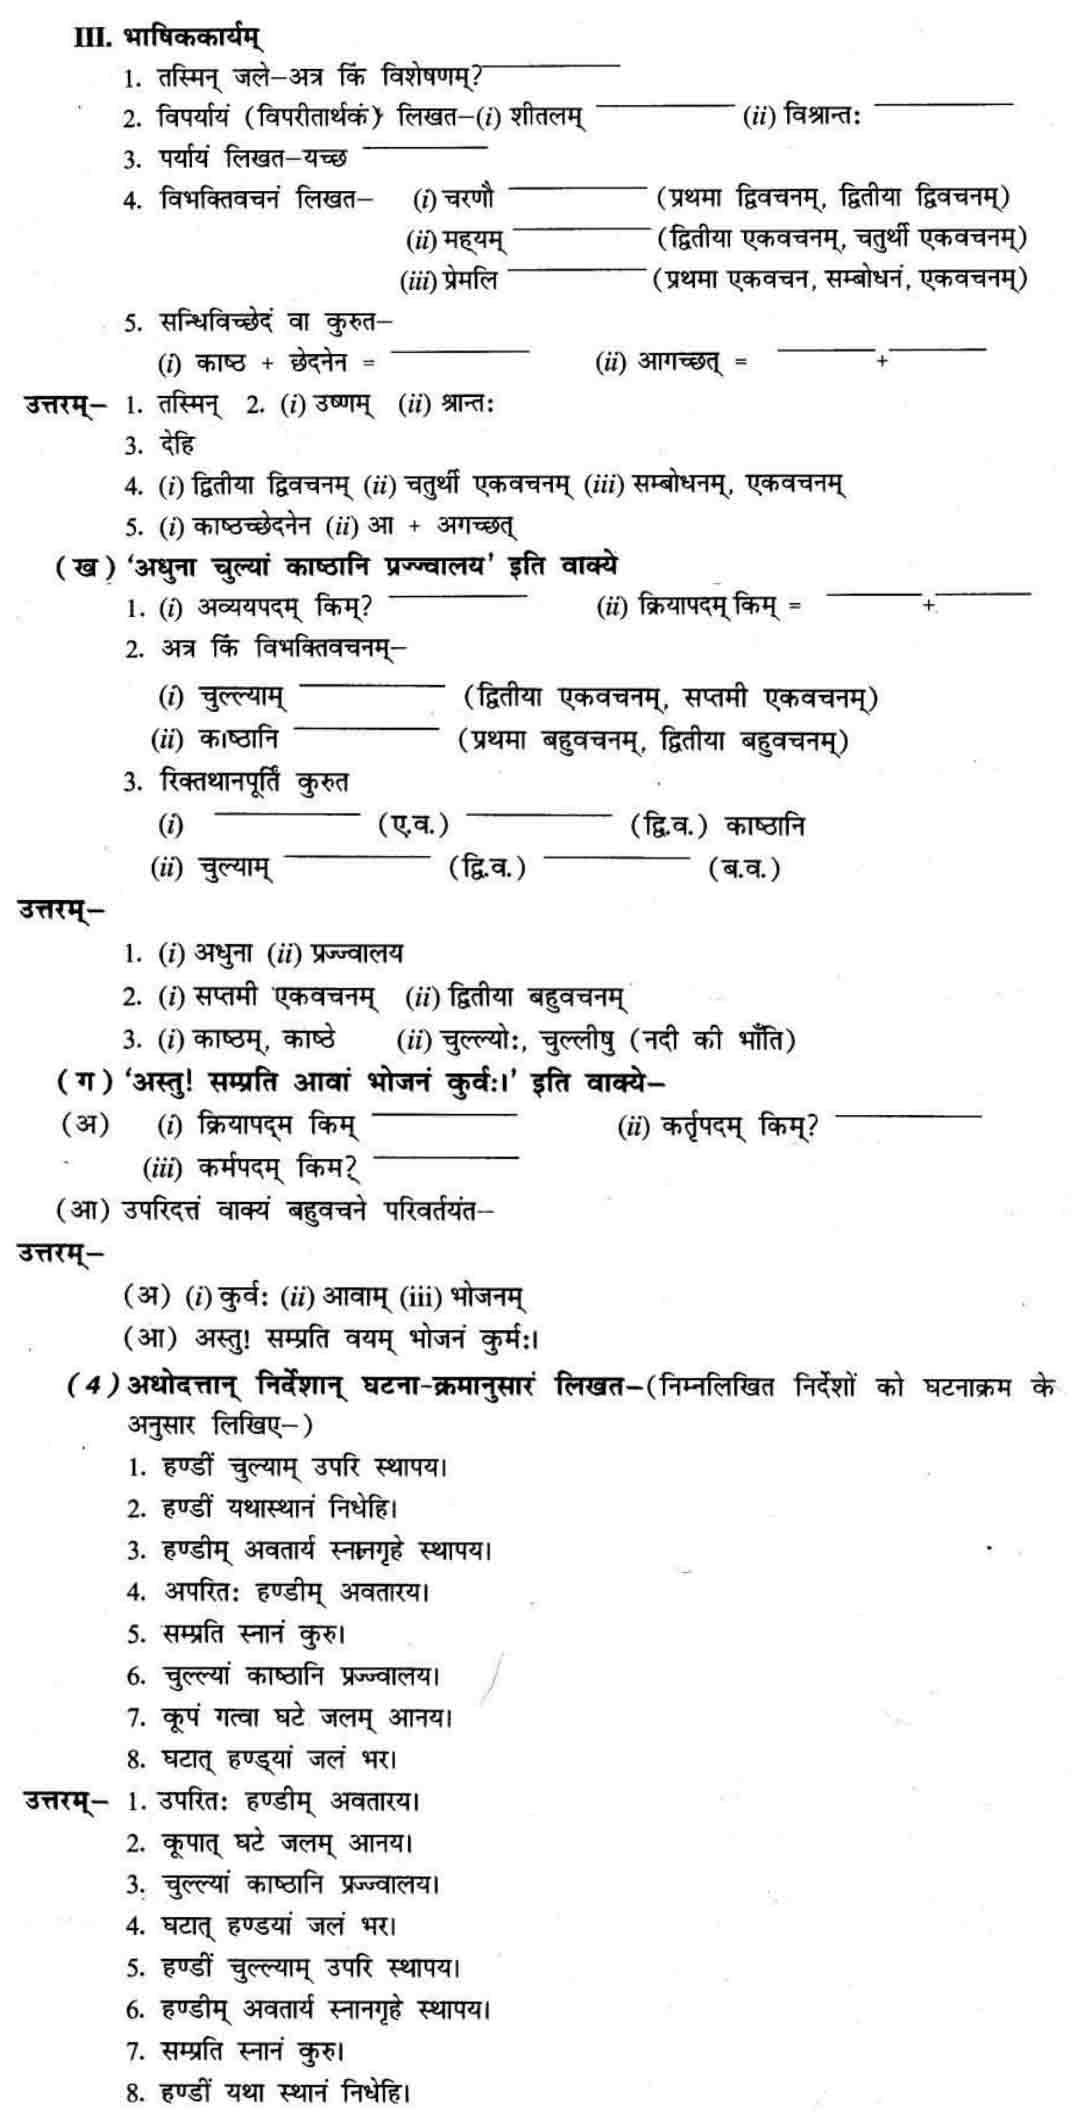 NCERT Solutions For Class 8 Sanskrit Chapter 6 गृहं